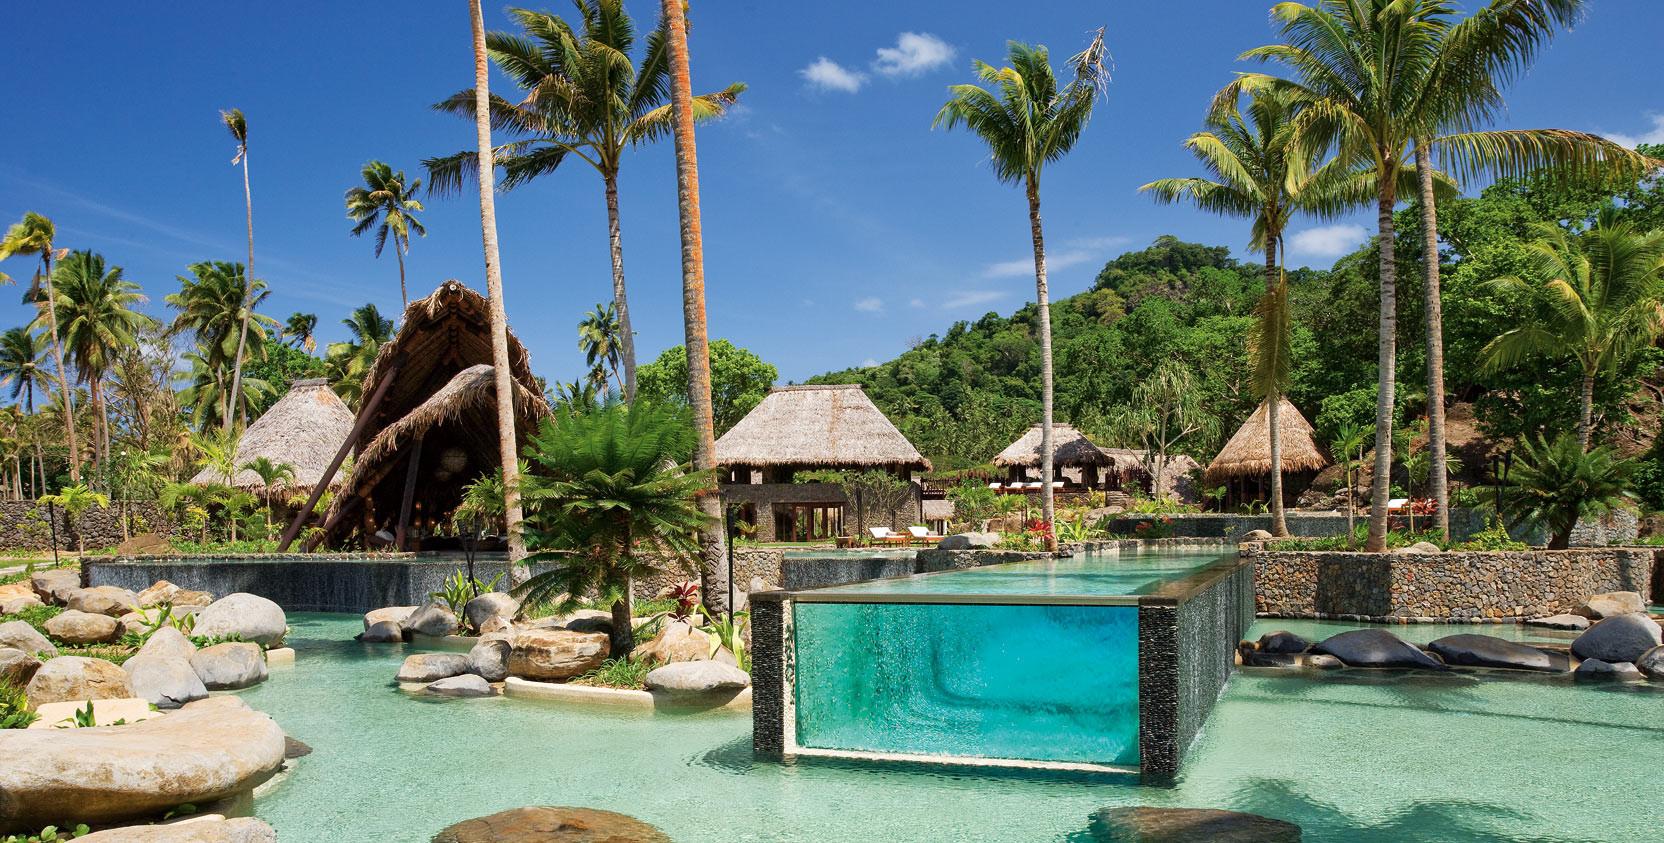 Αποτέλεσμα εικόνας για Laucala Resort (Taveuni, Fiji)